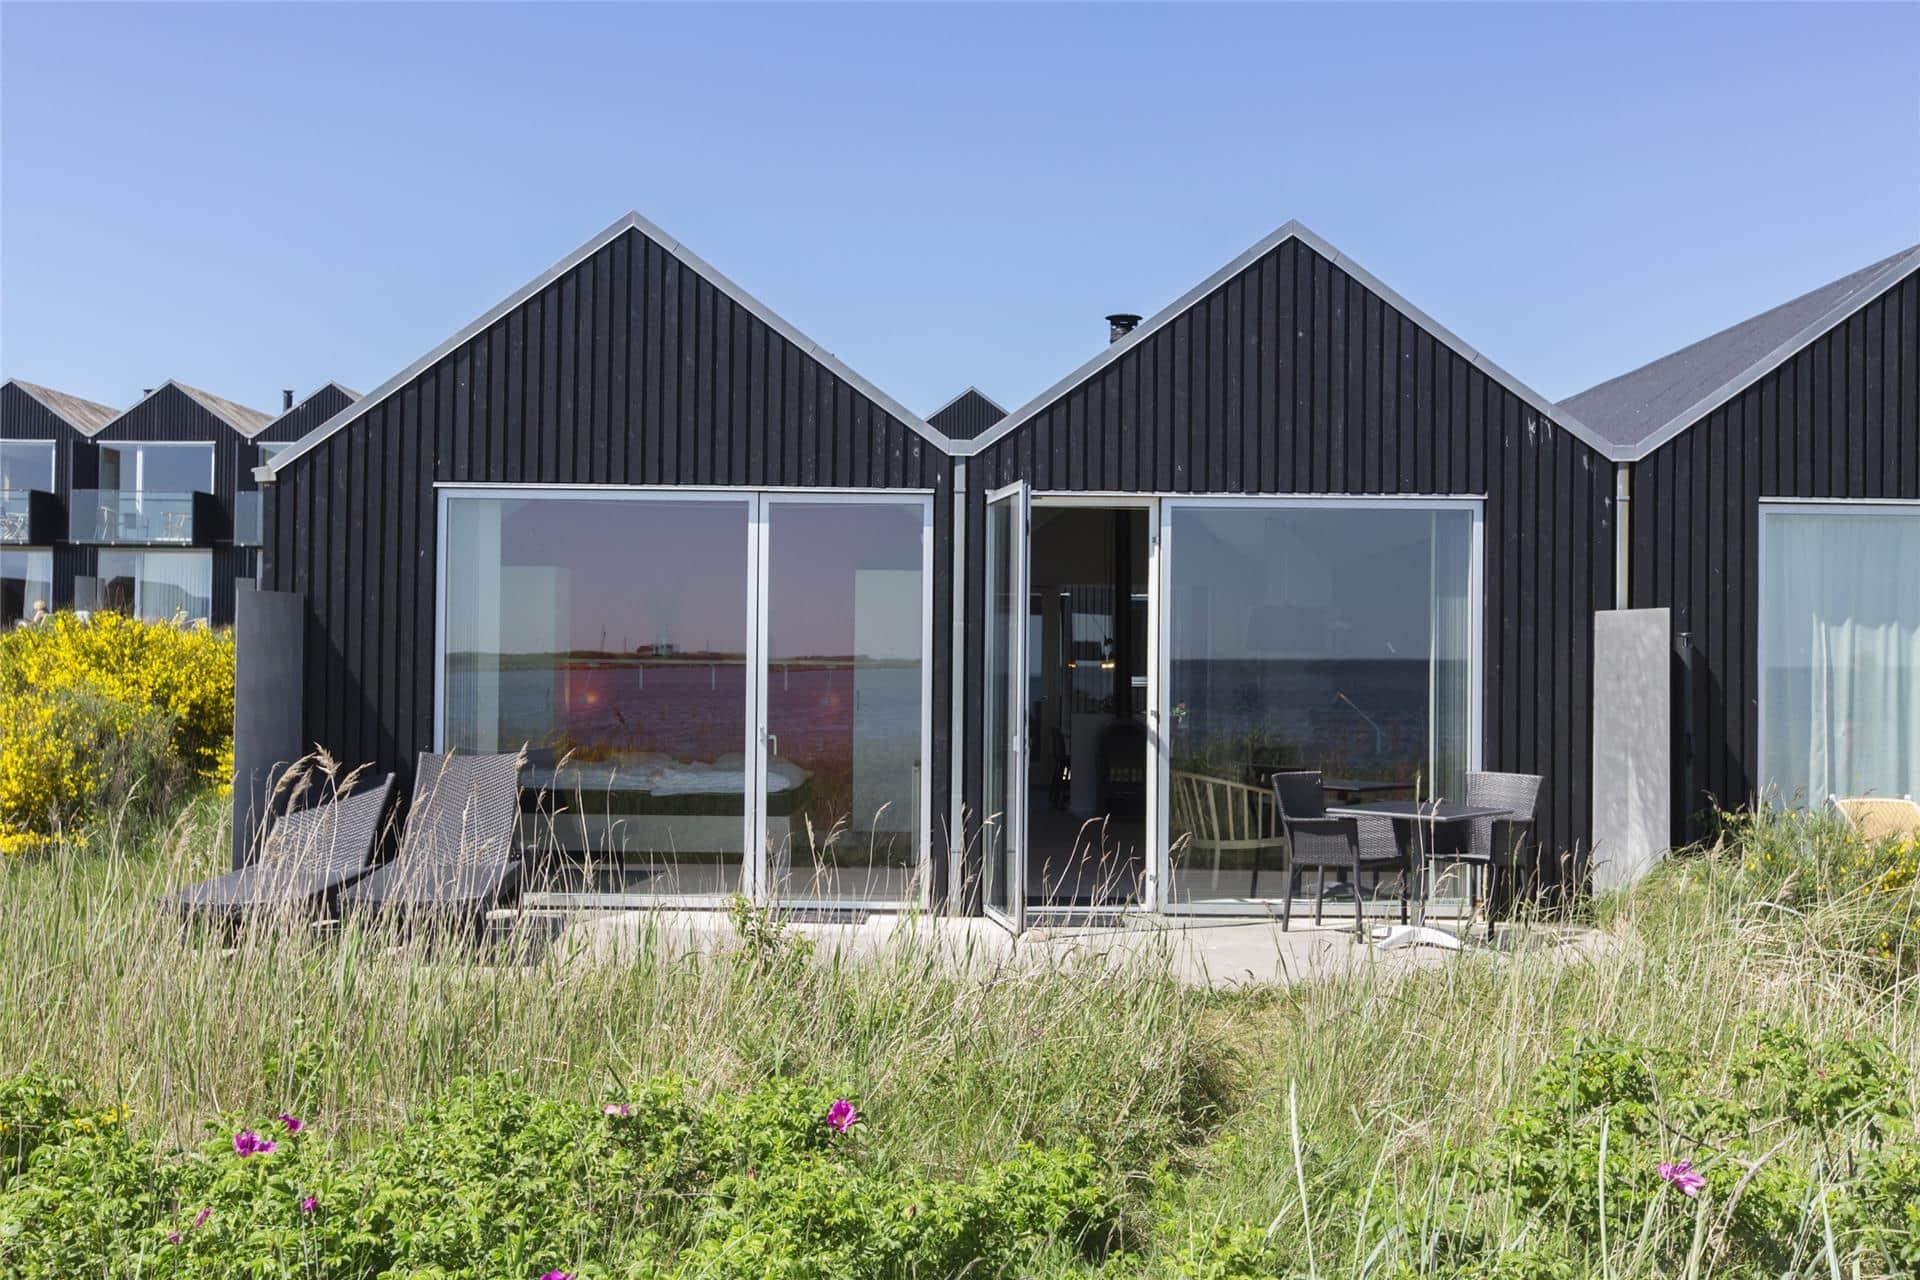 Image 1-4 Holiday-home 705, Slusen 5, DK - 6960 Hvide Sande